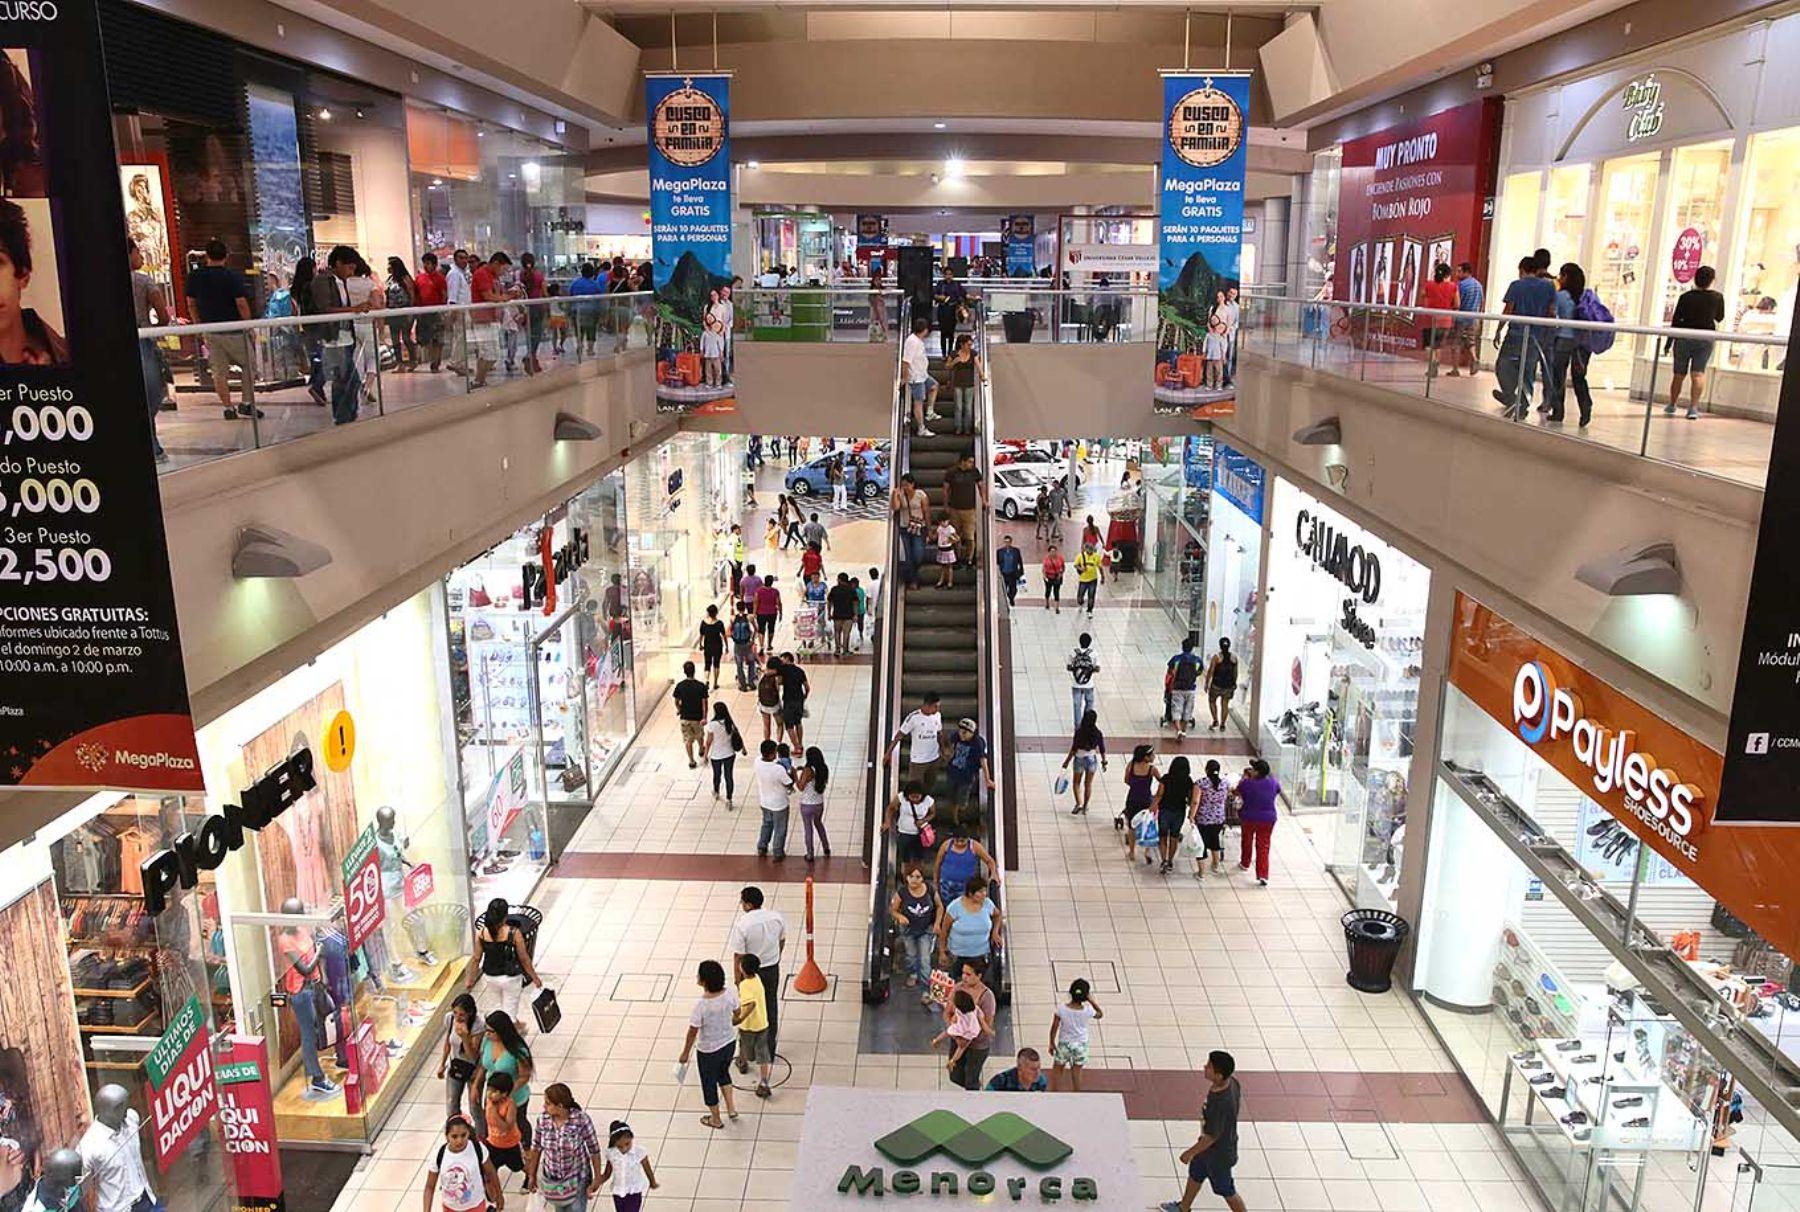 Centros-comerciales-Perú-22